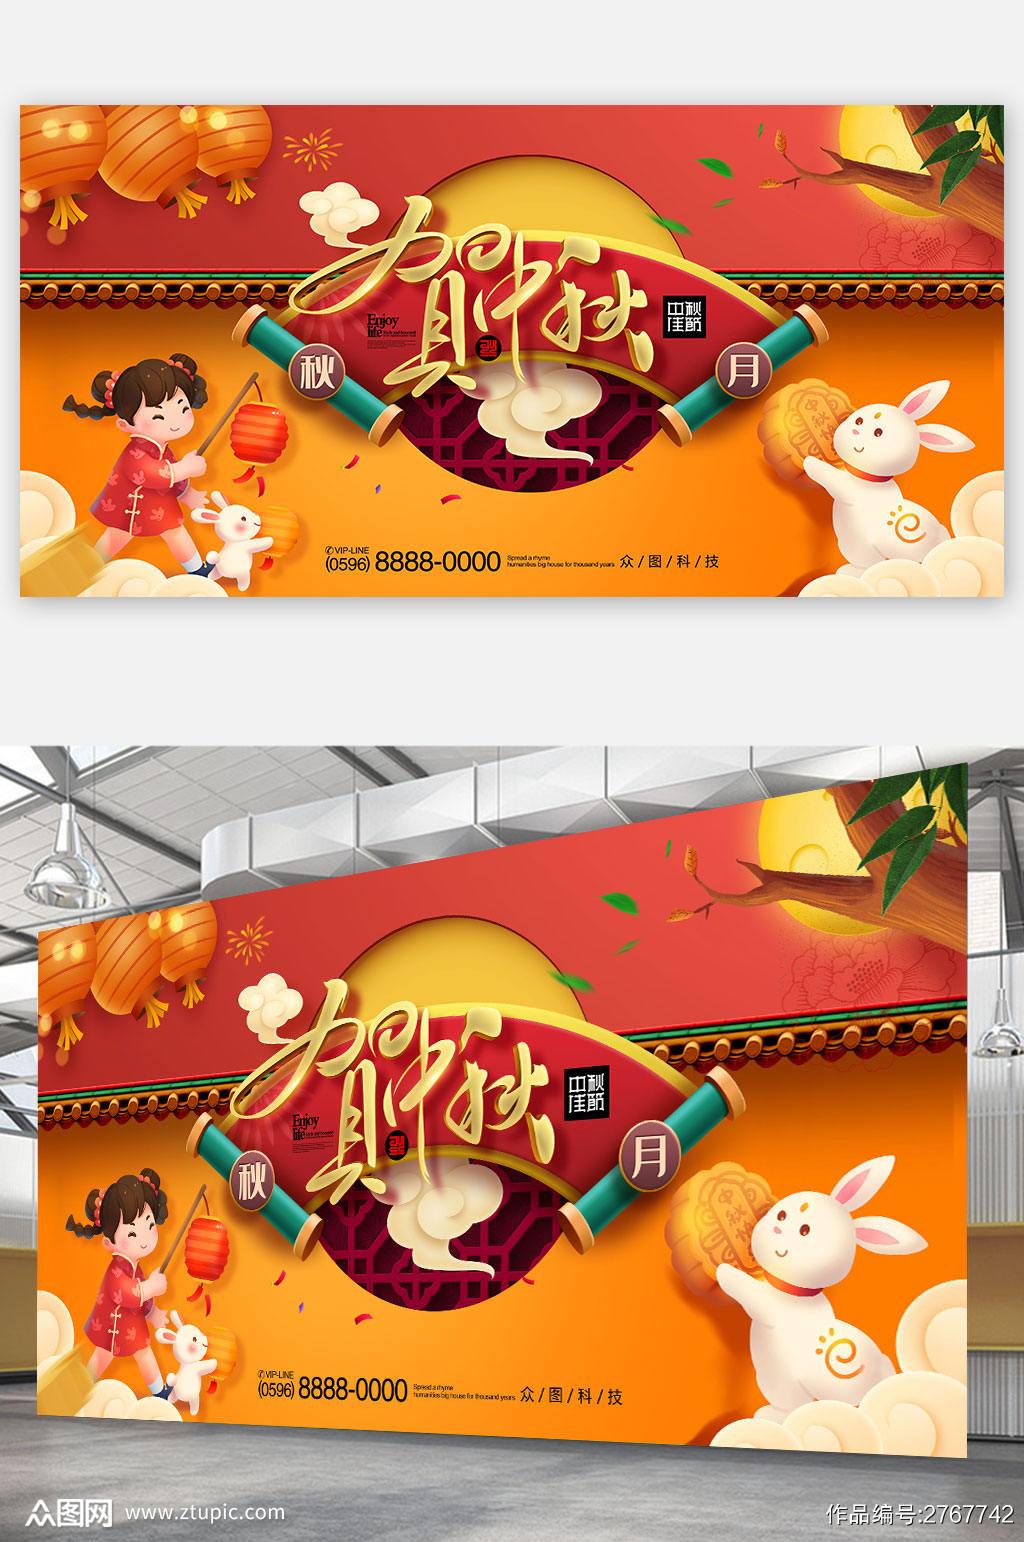 大气中国风喜庆贺中秋节海报中秋展板素材